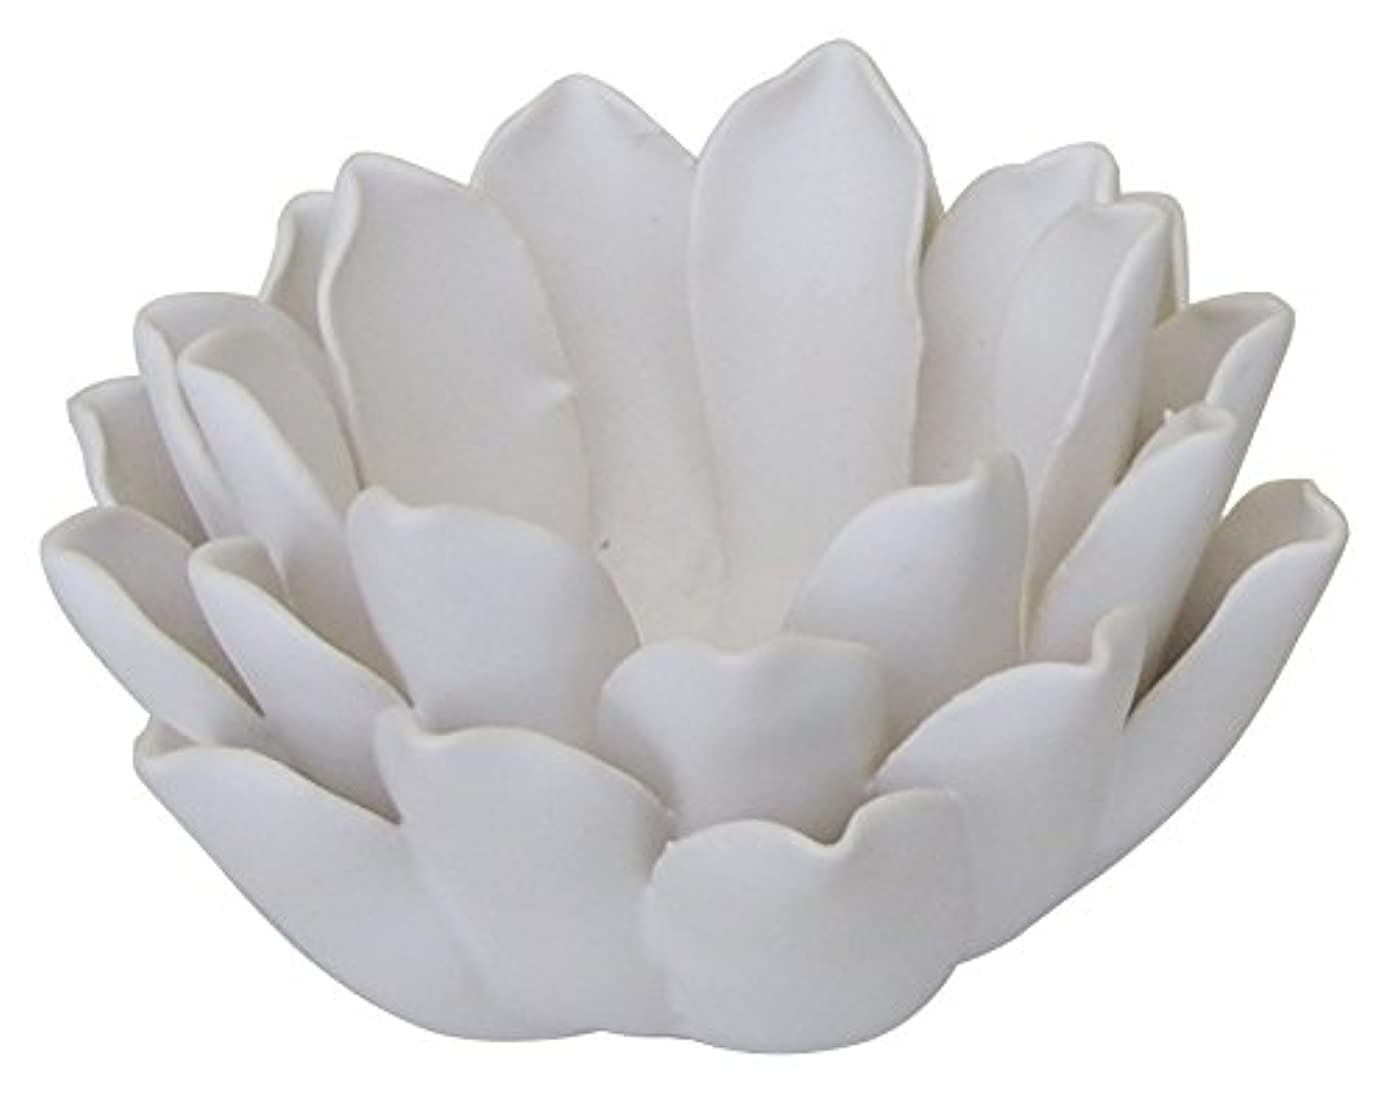 二層ふつう化石マルエス 燭台 陶器製 ロータス 小 ホワイト